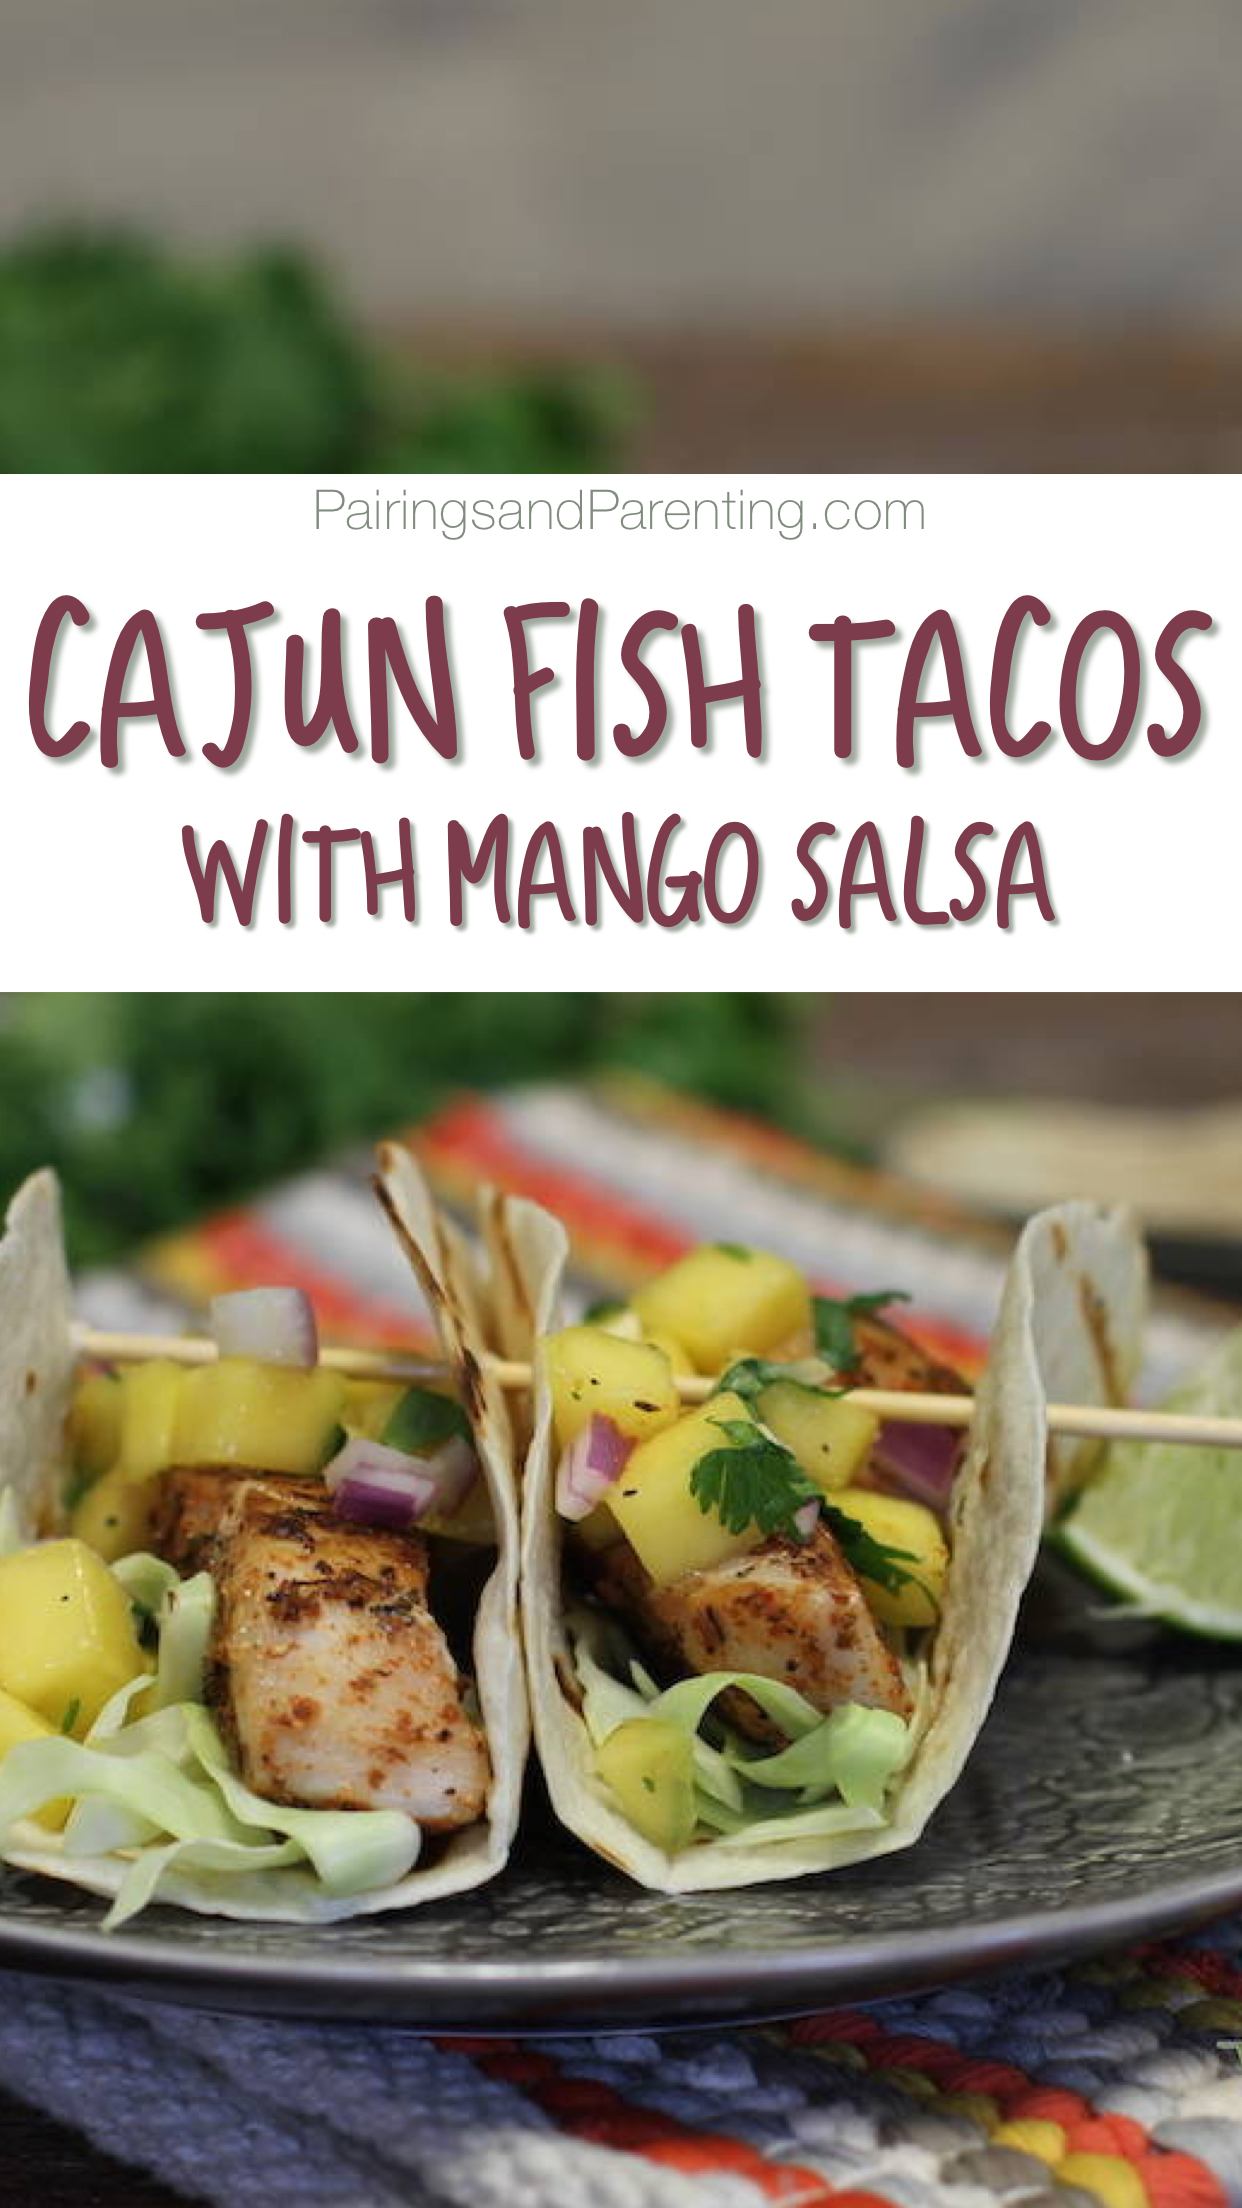 Cajun Fish Tacos, Mango Salsa